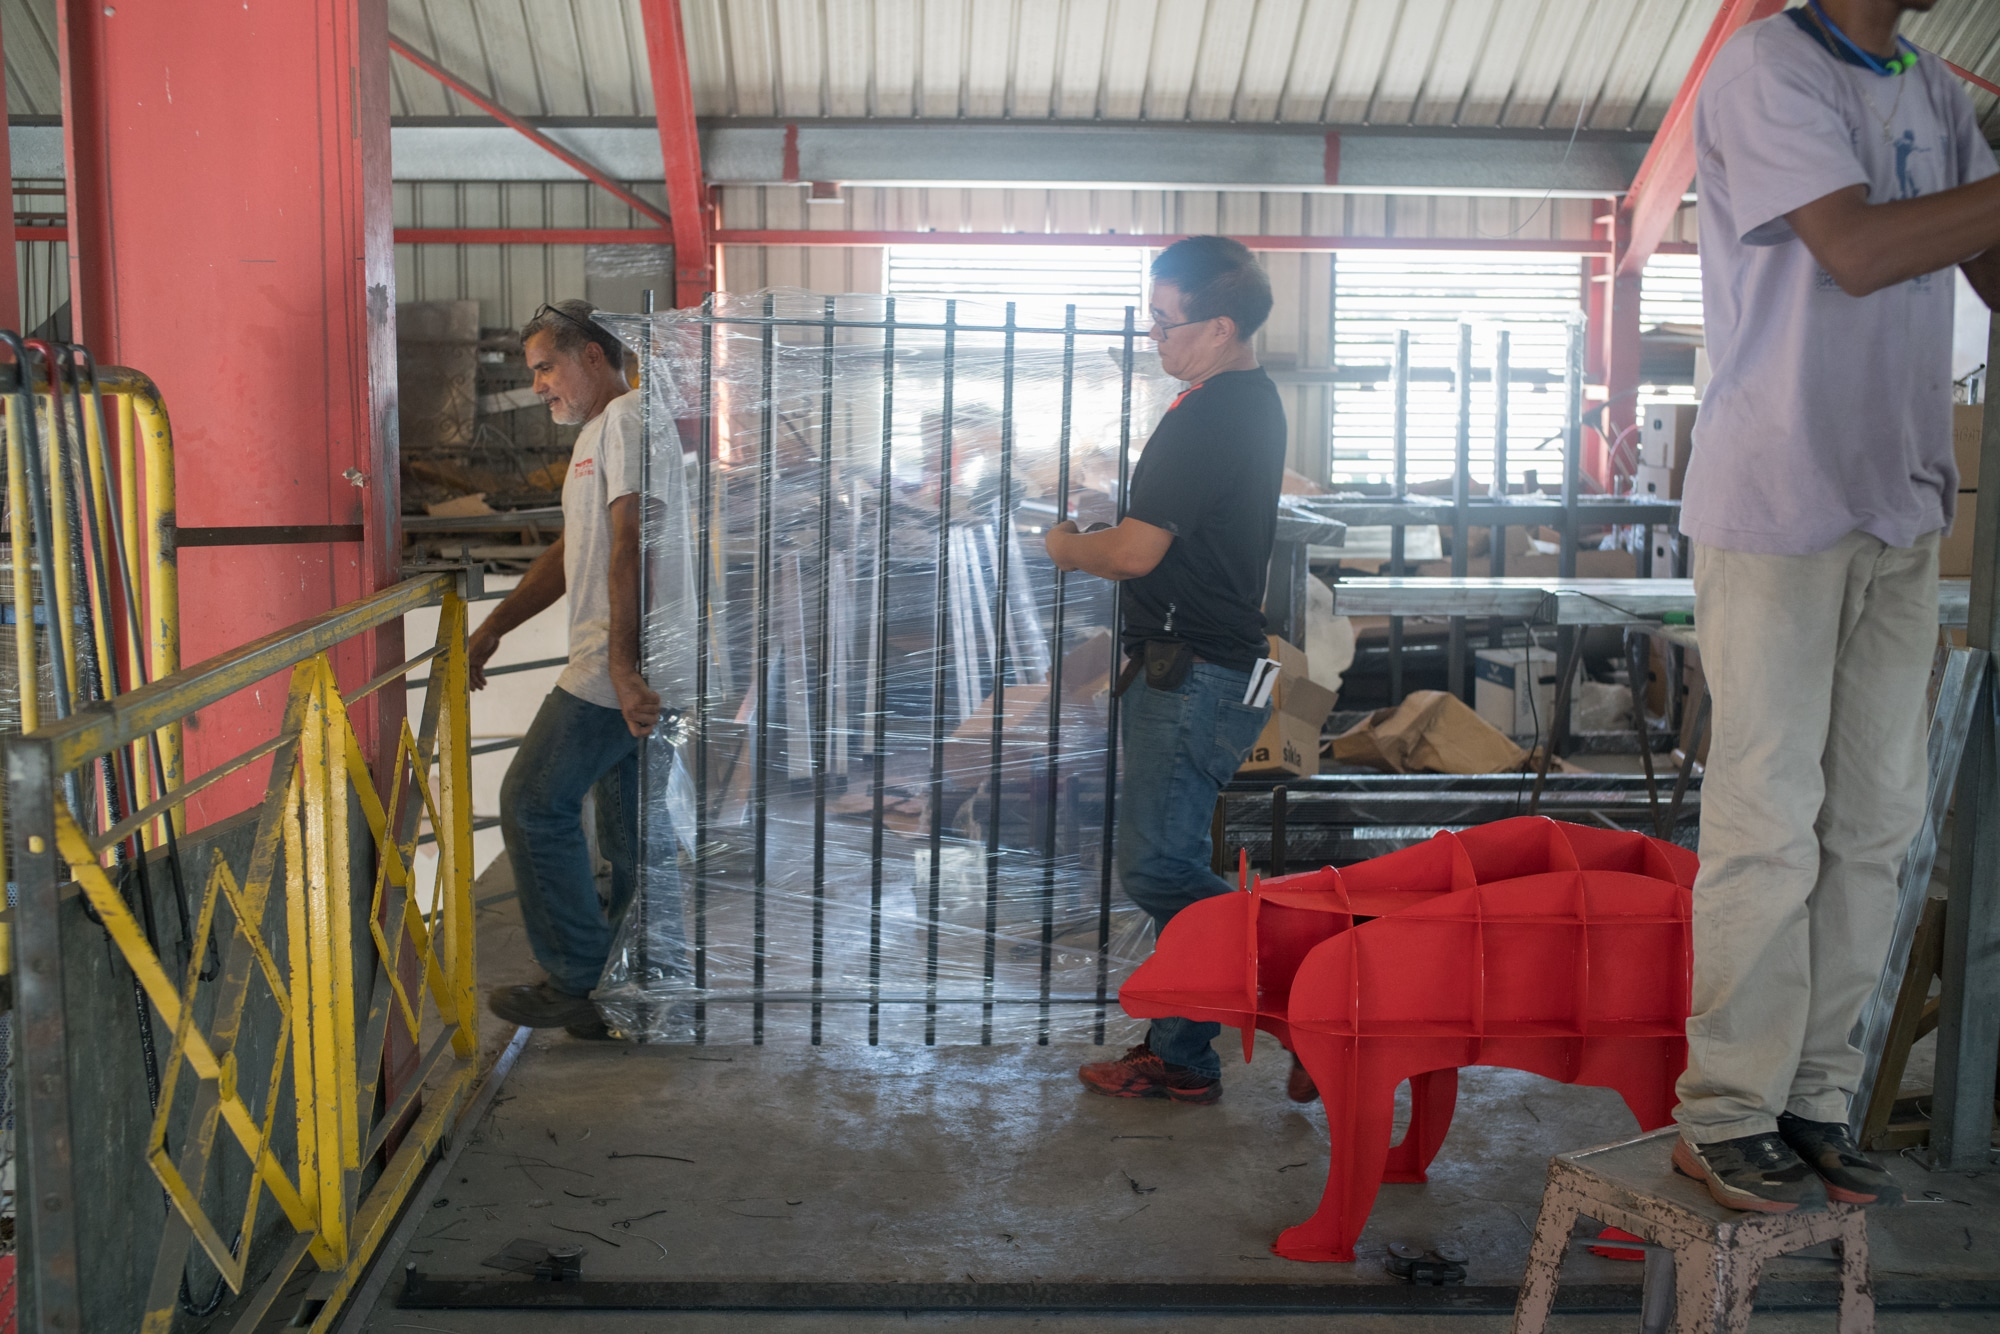 Jean-Claude transporte une barrière de métal avec un employé au sein de l'atelier.